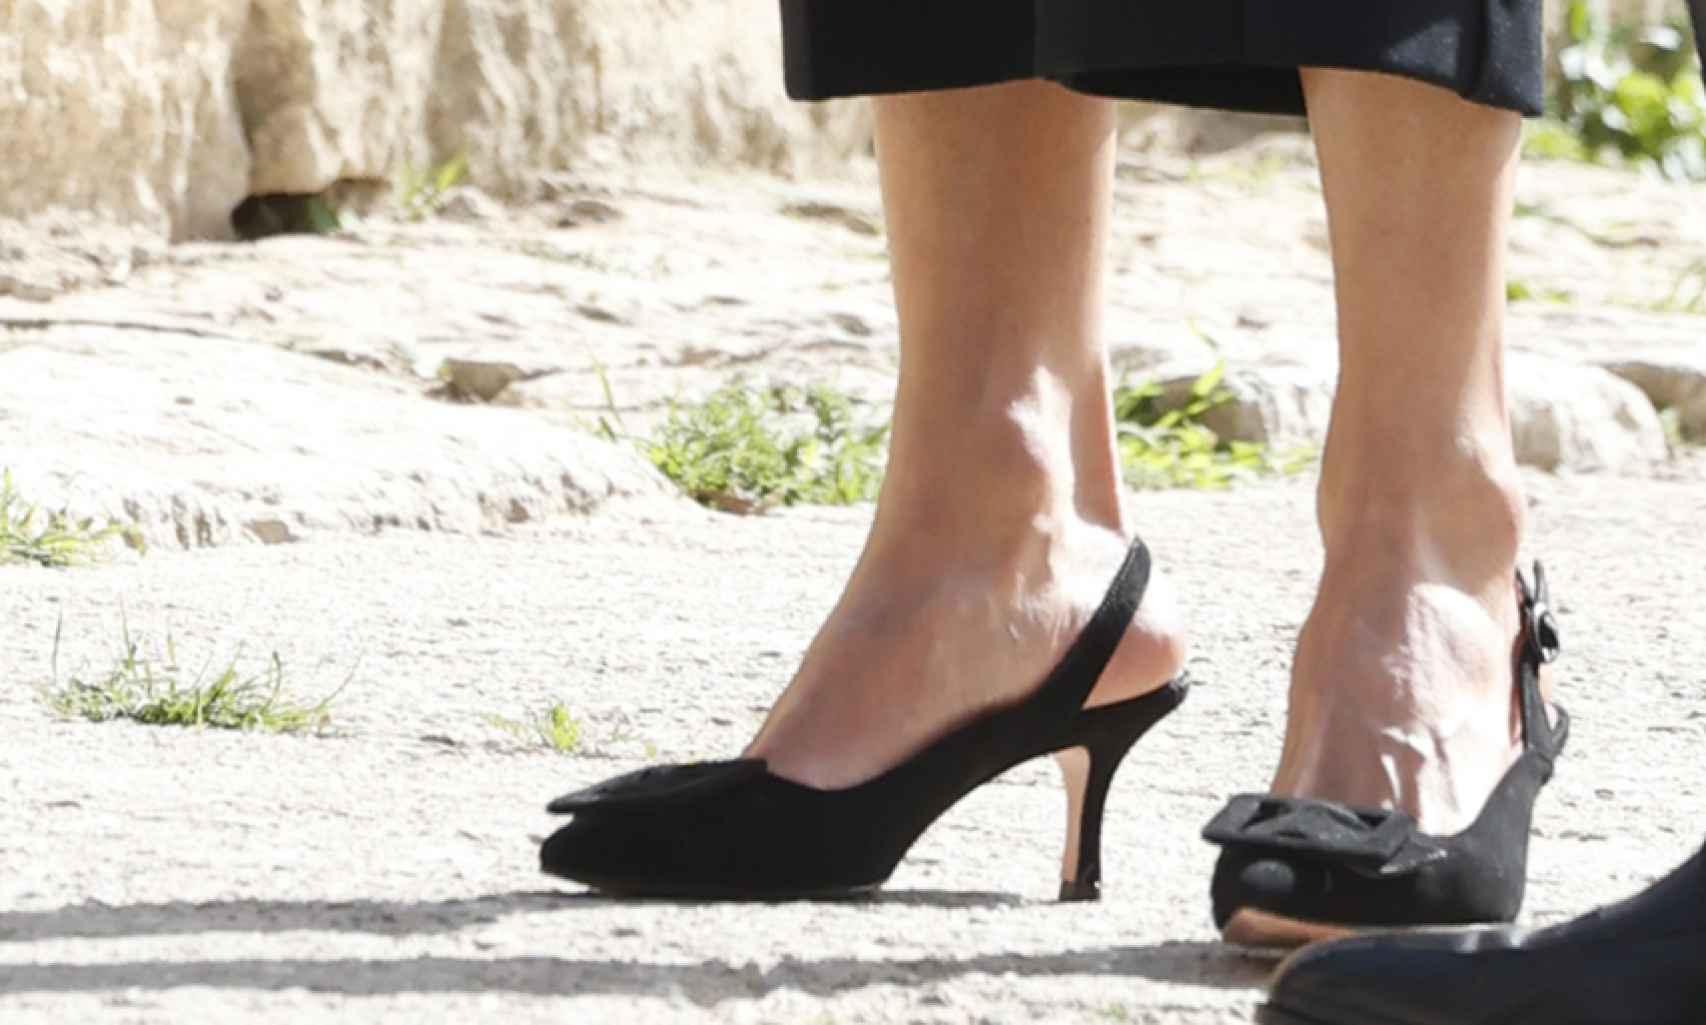 La Reina ha escogido unos zapatos muy poco comunes en ella, ni tacón altísimo ni planos; un tacón medio muy peculiar.